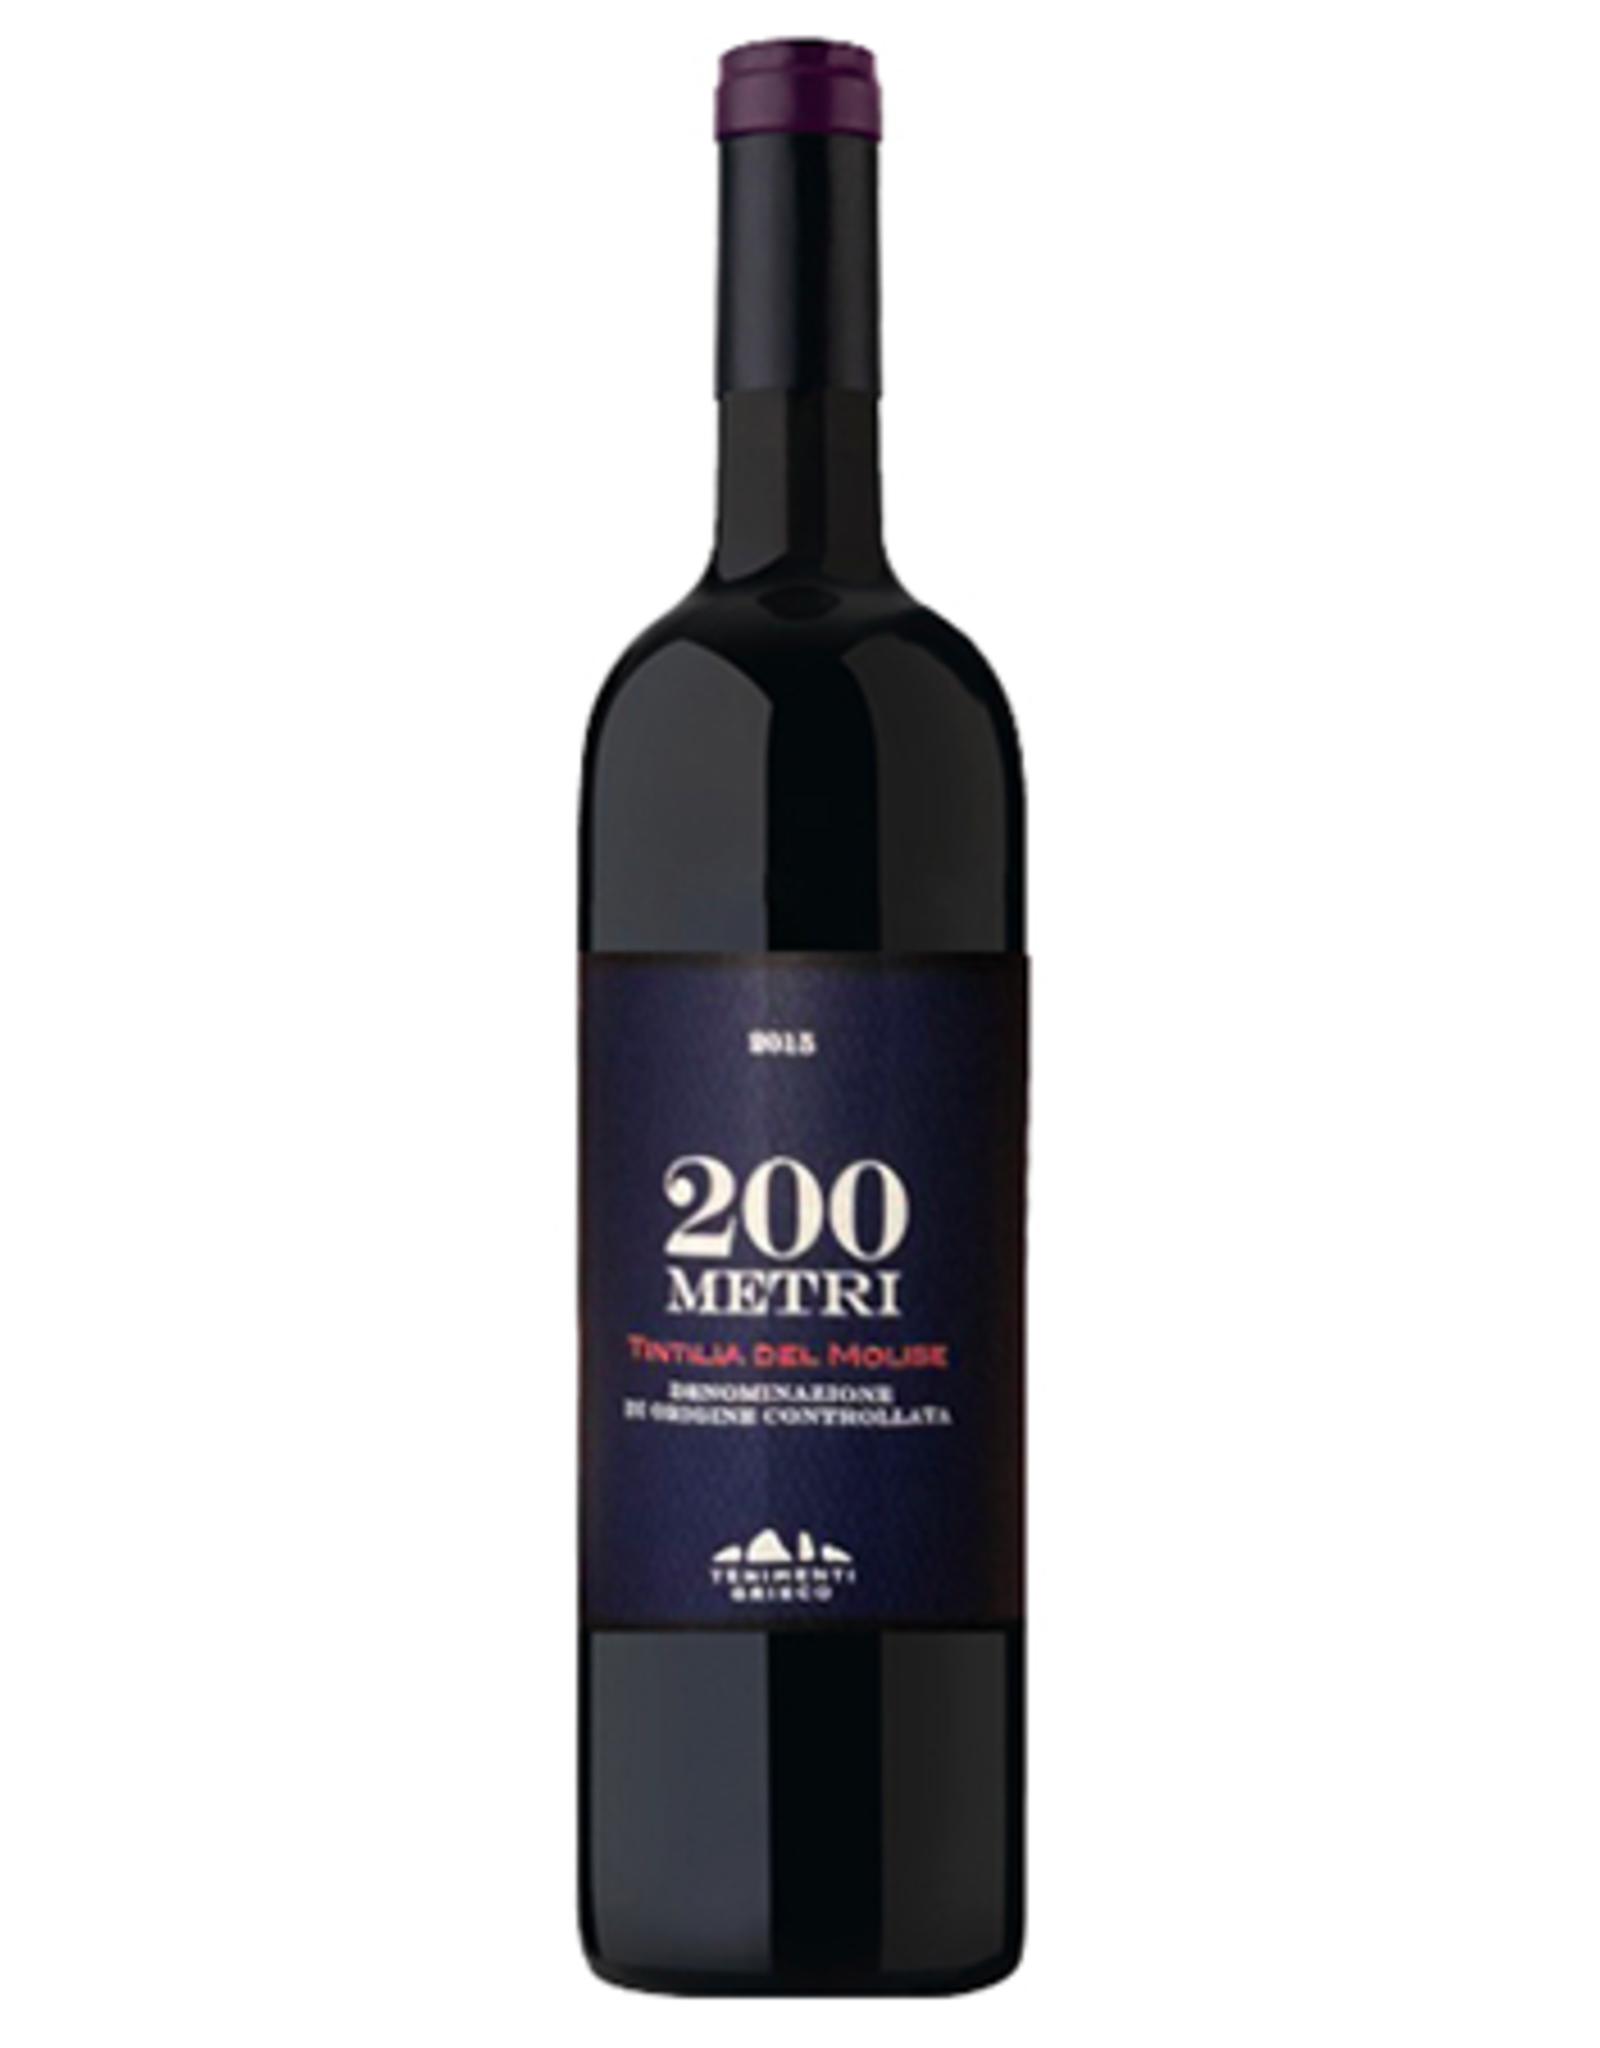 Tenimenti Grieco Tenimenti Grieco 200 Metri Tintilia del Molise 2016